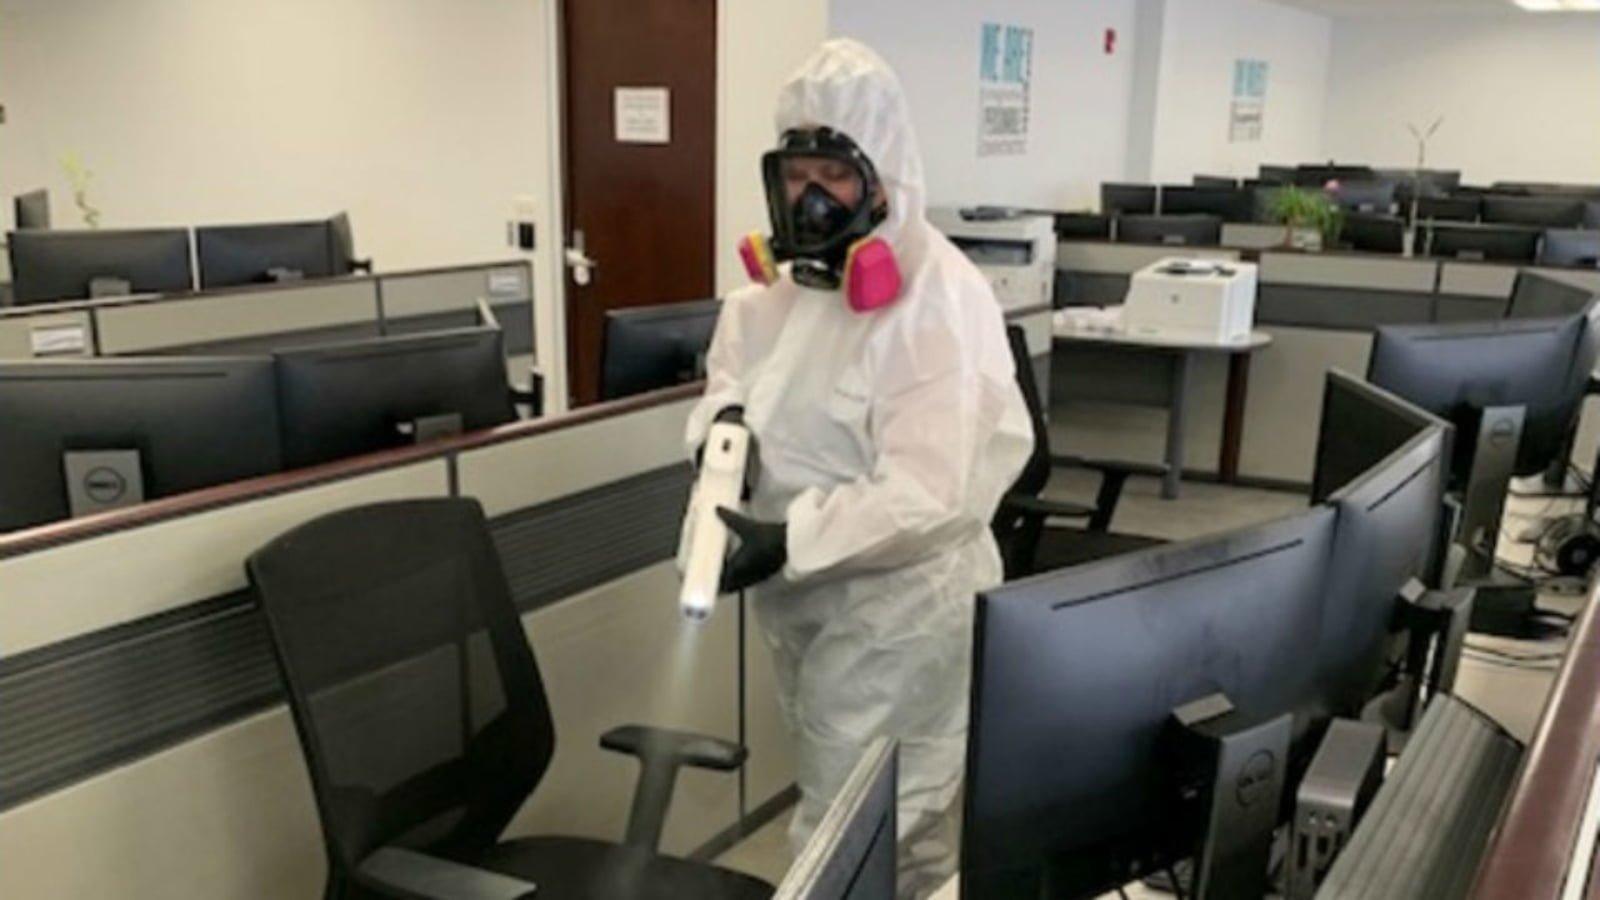 Coronavirus sanitising cleaning